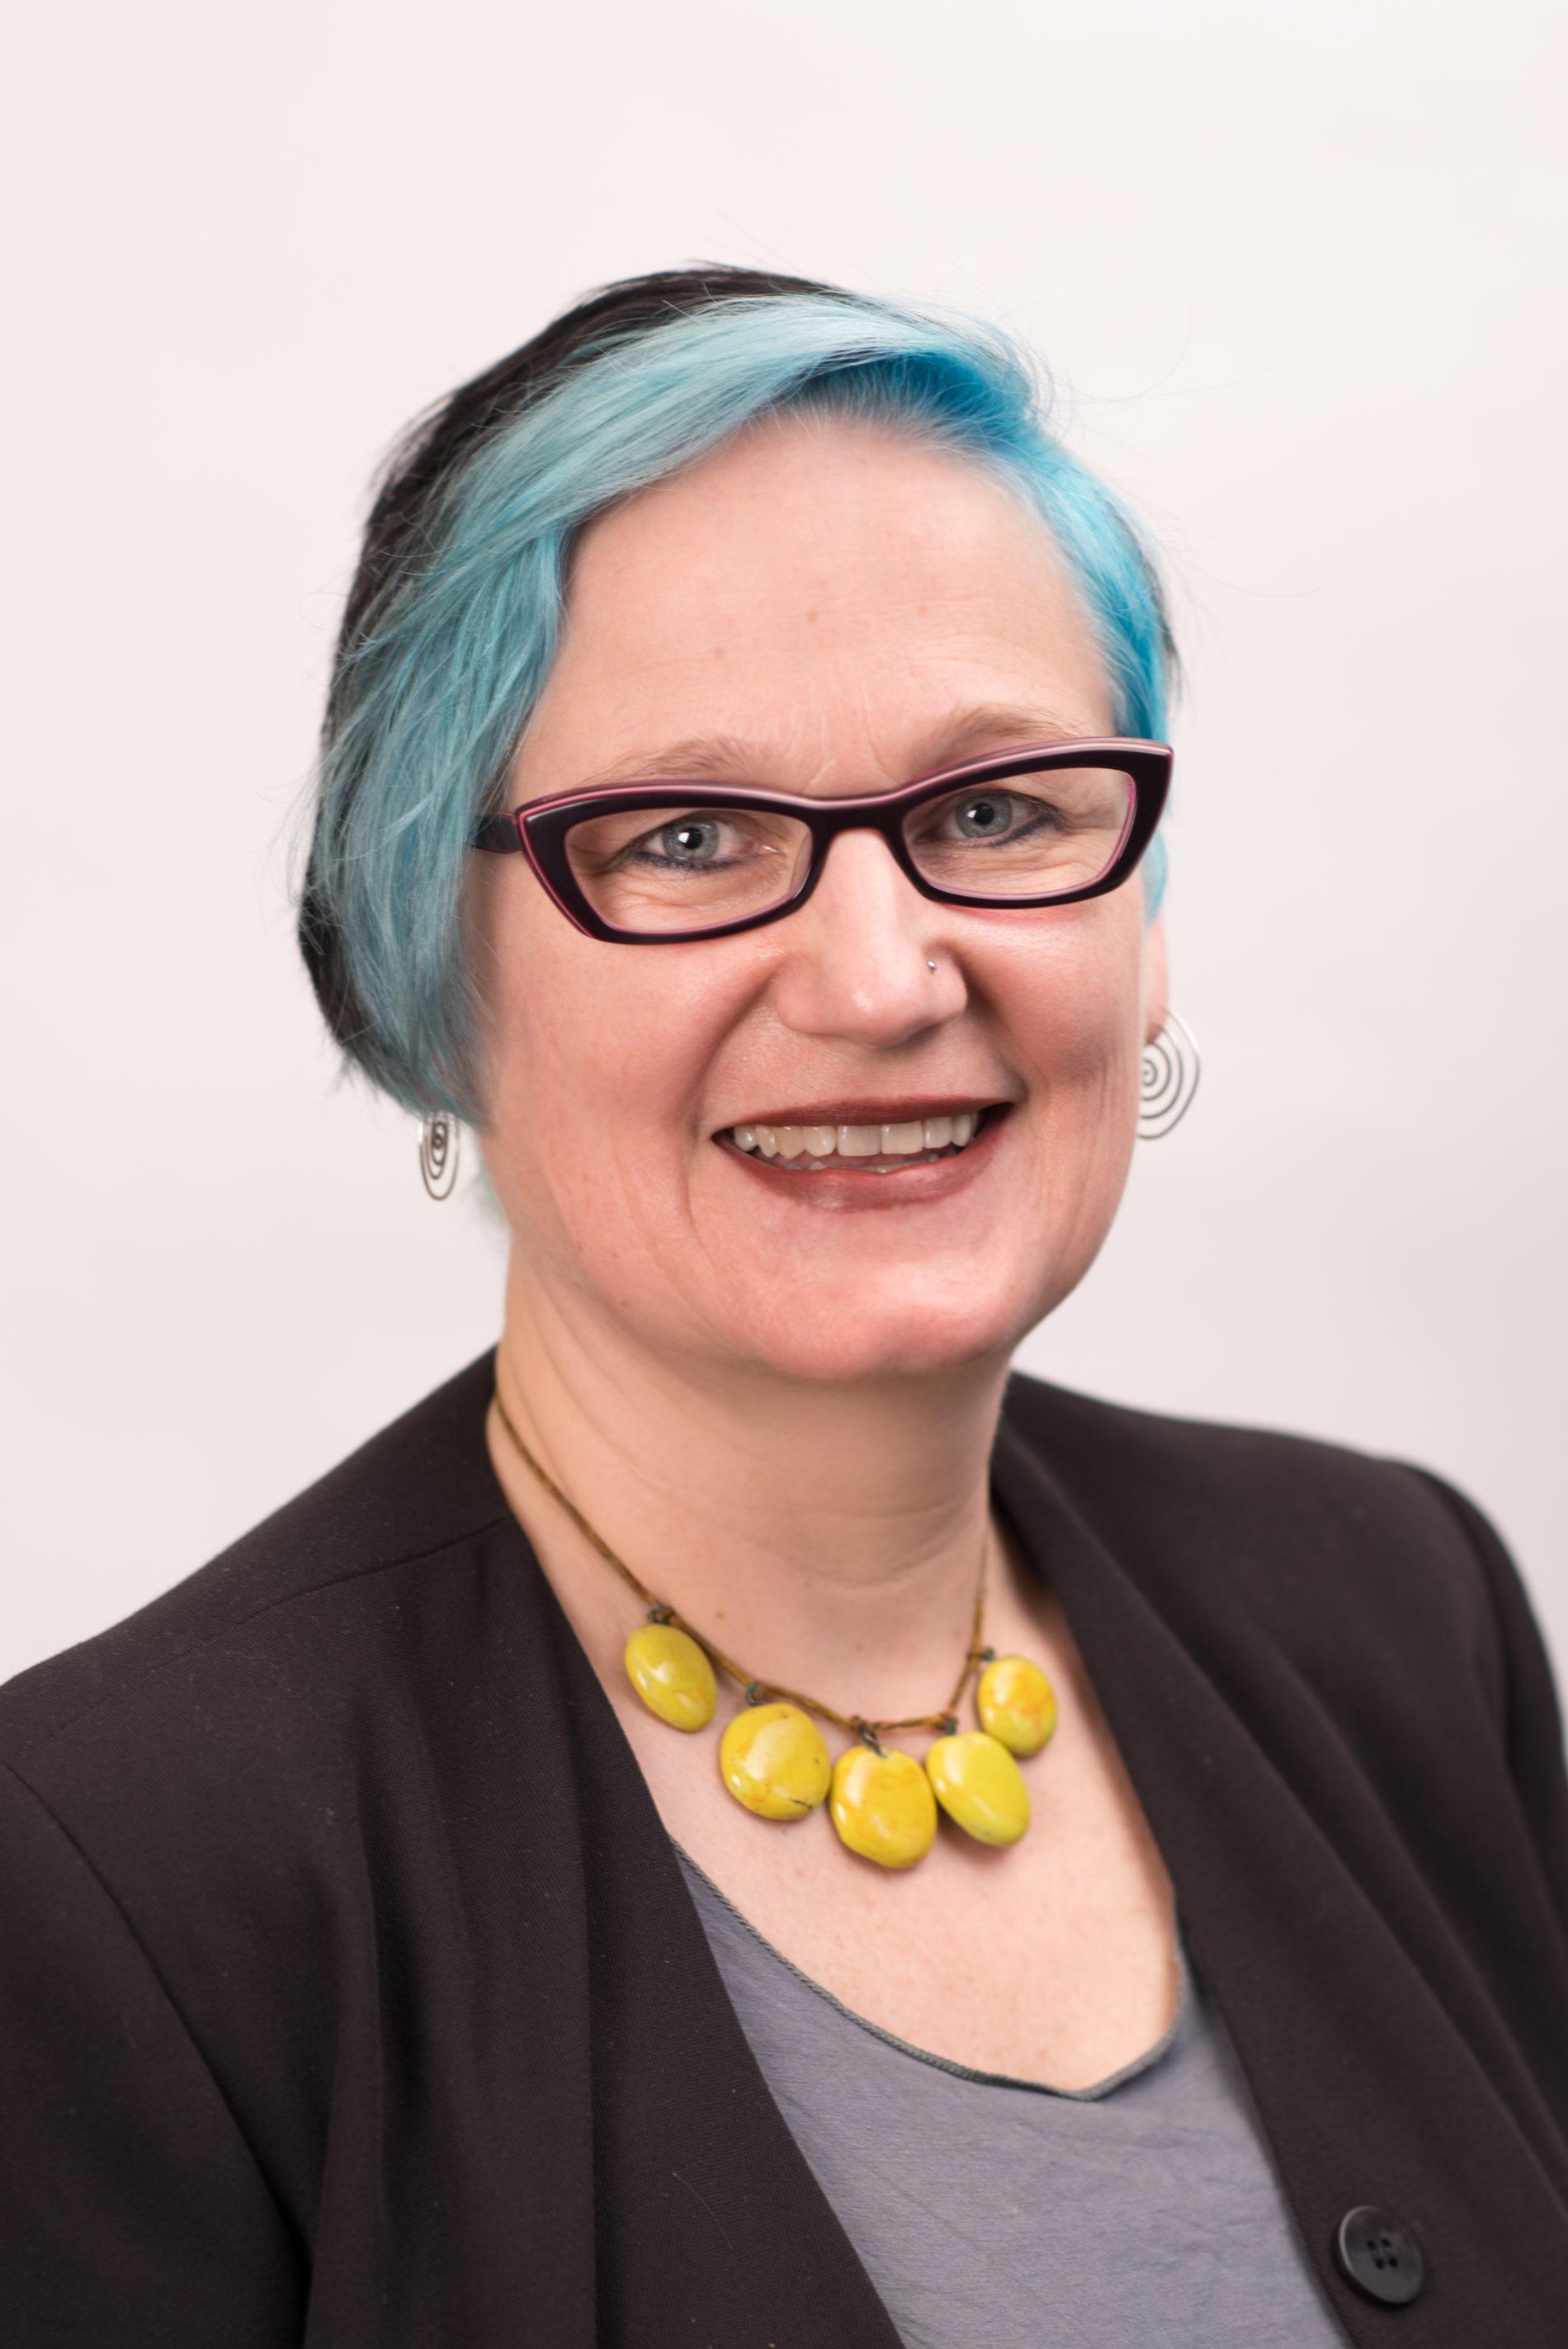 El futuro ya llegó a Nueva Zelanda y es liderado por mujeres